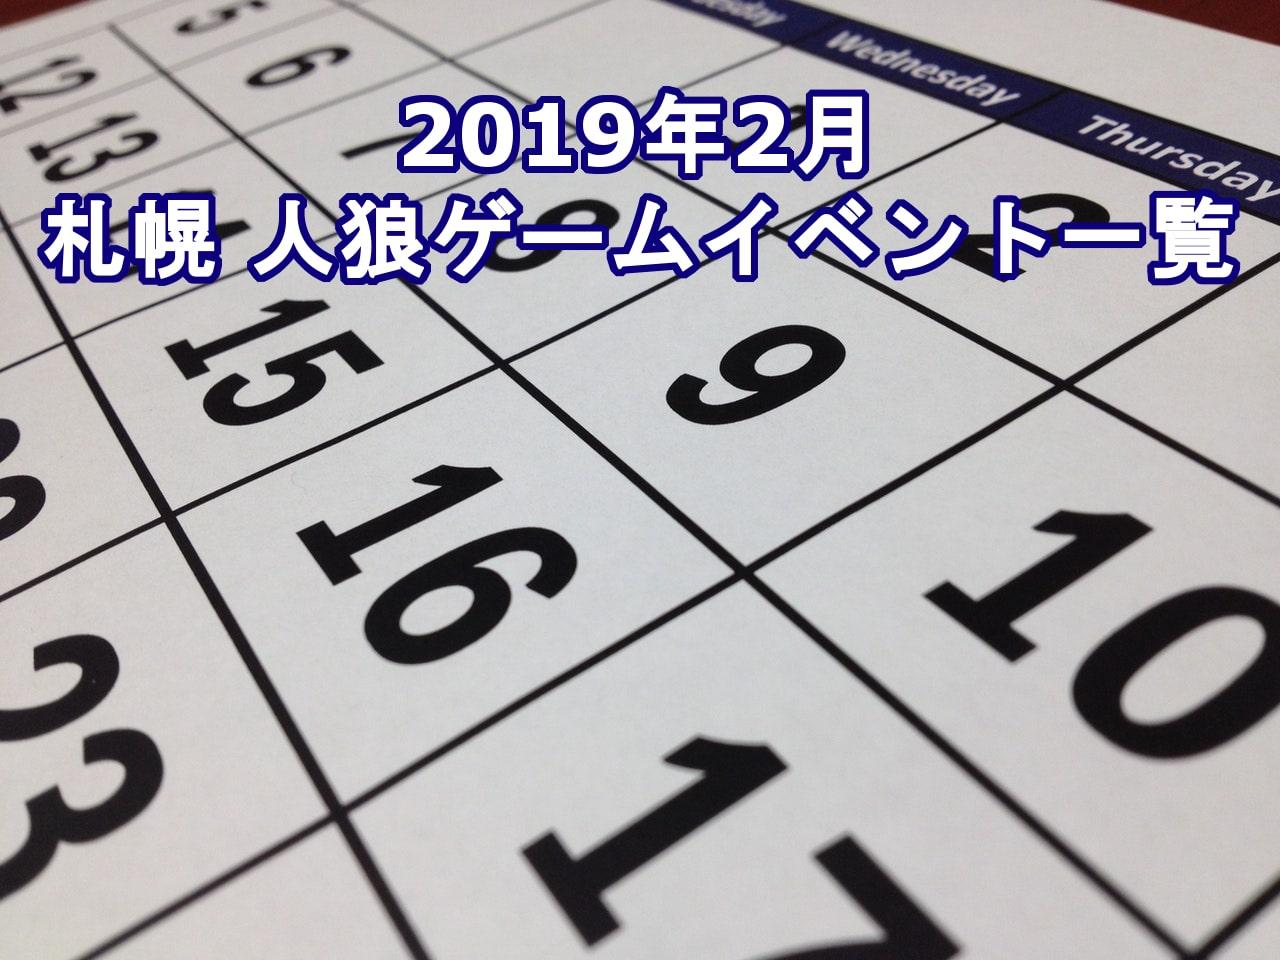 札幌 人狼ゲームイベント 2019年2月